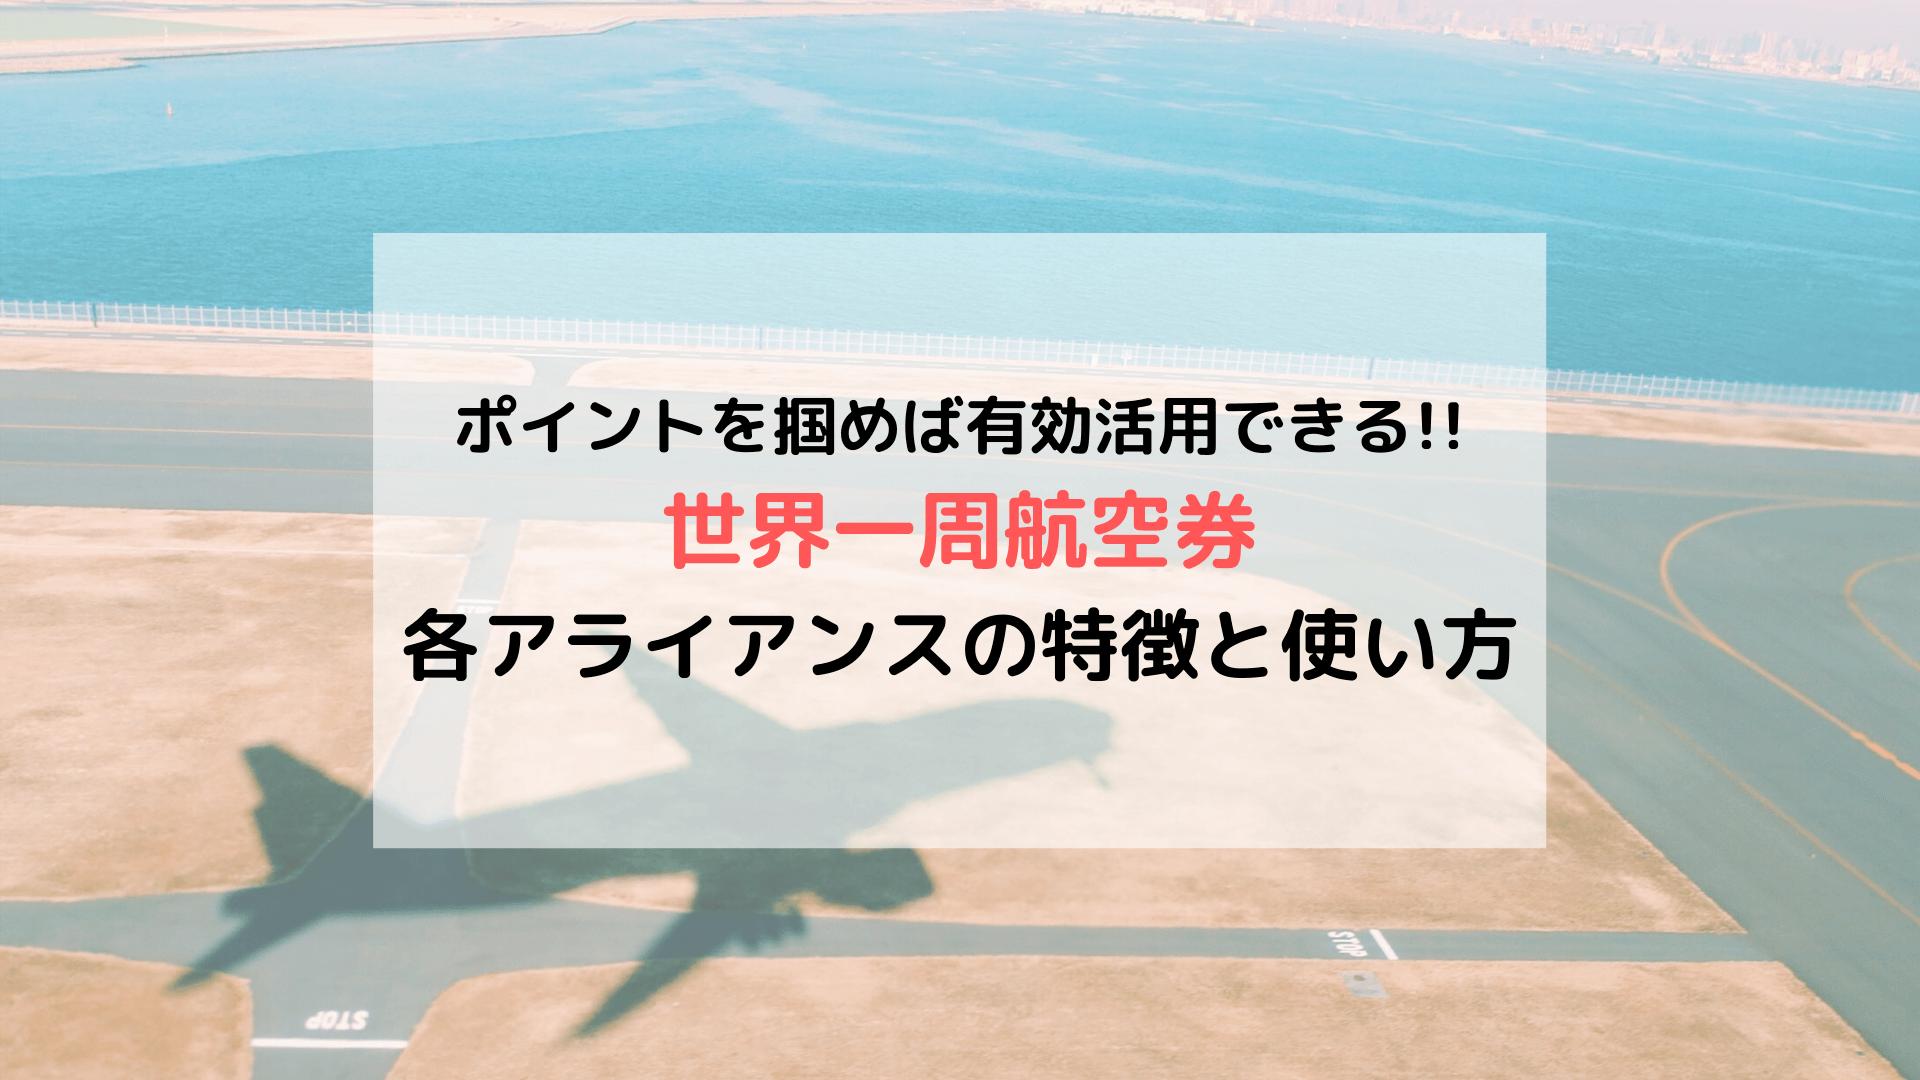 世界一周航空券における 各アライアンスの特徴と実際の使い方